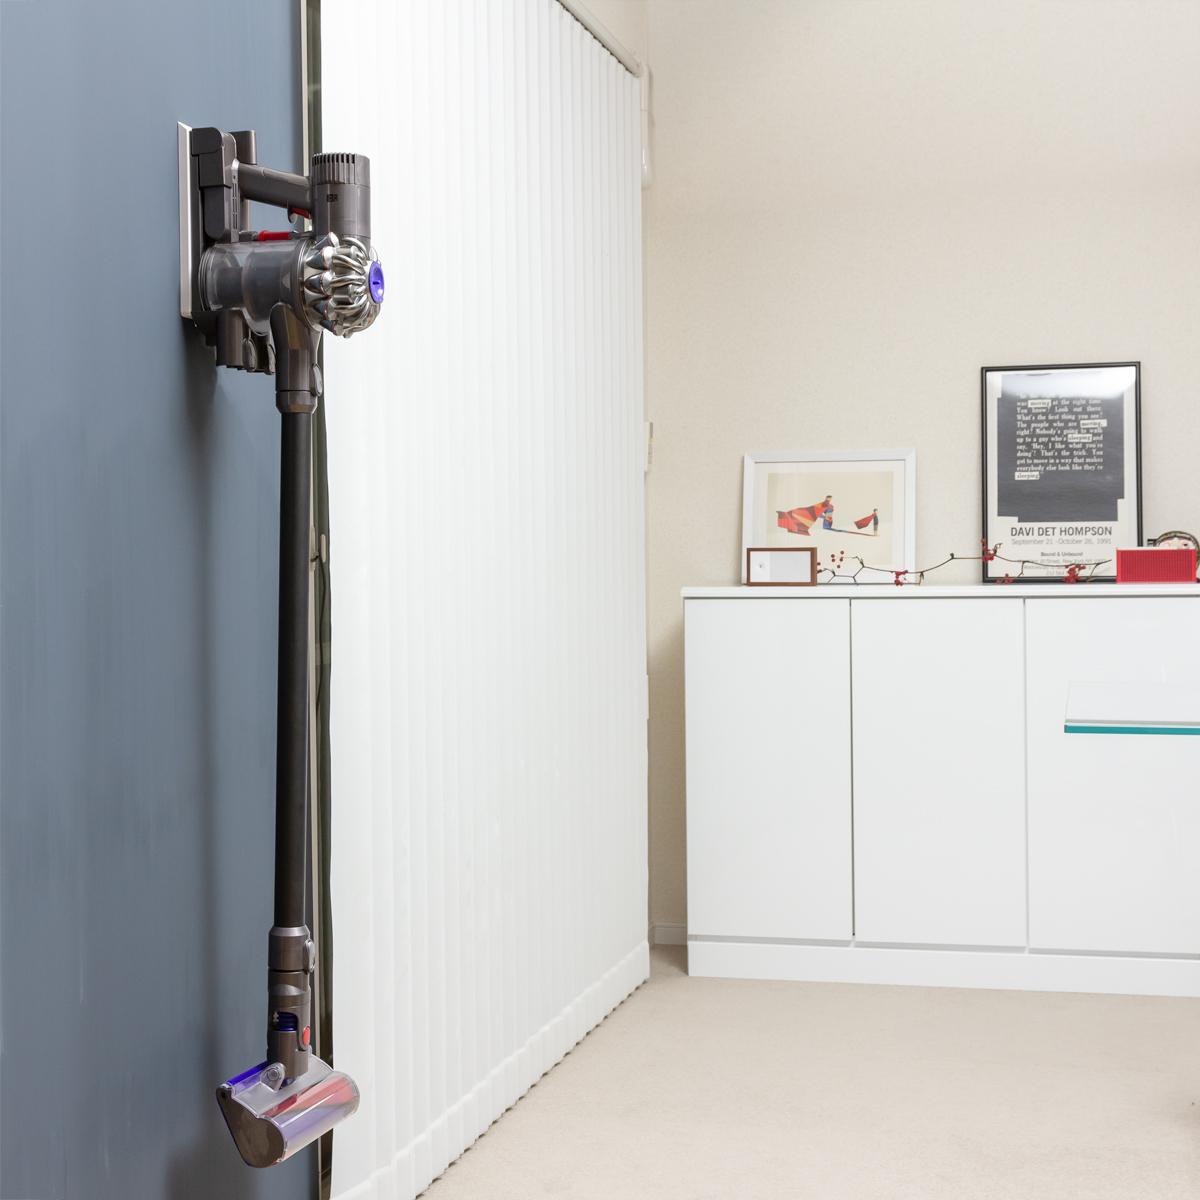 キレイな部屋づくりの秘訣。コードレス掃除機は、「よく使う場所に、掛けて収納する」|Pinde(ピンデ)